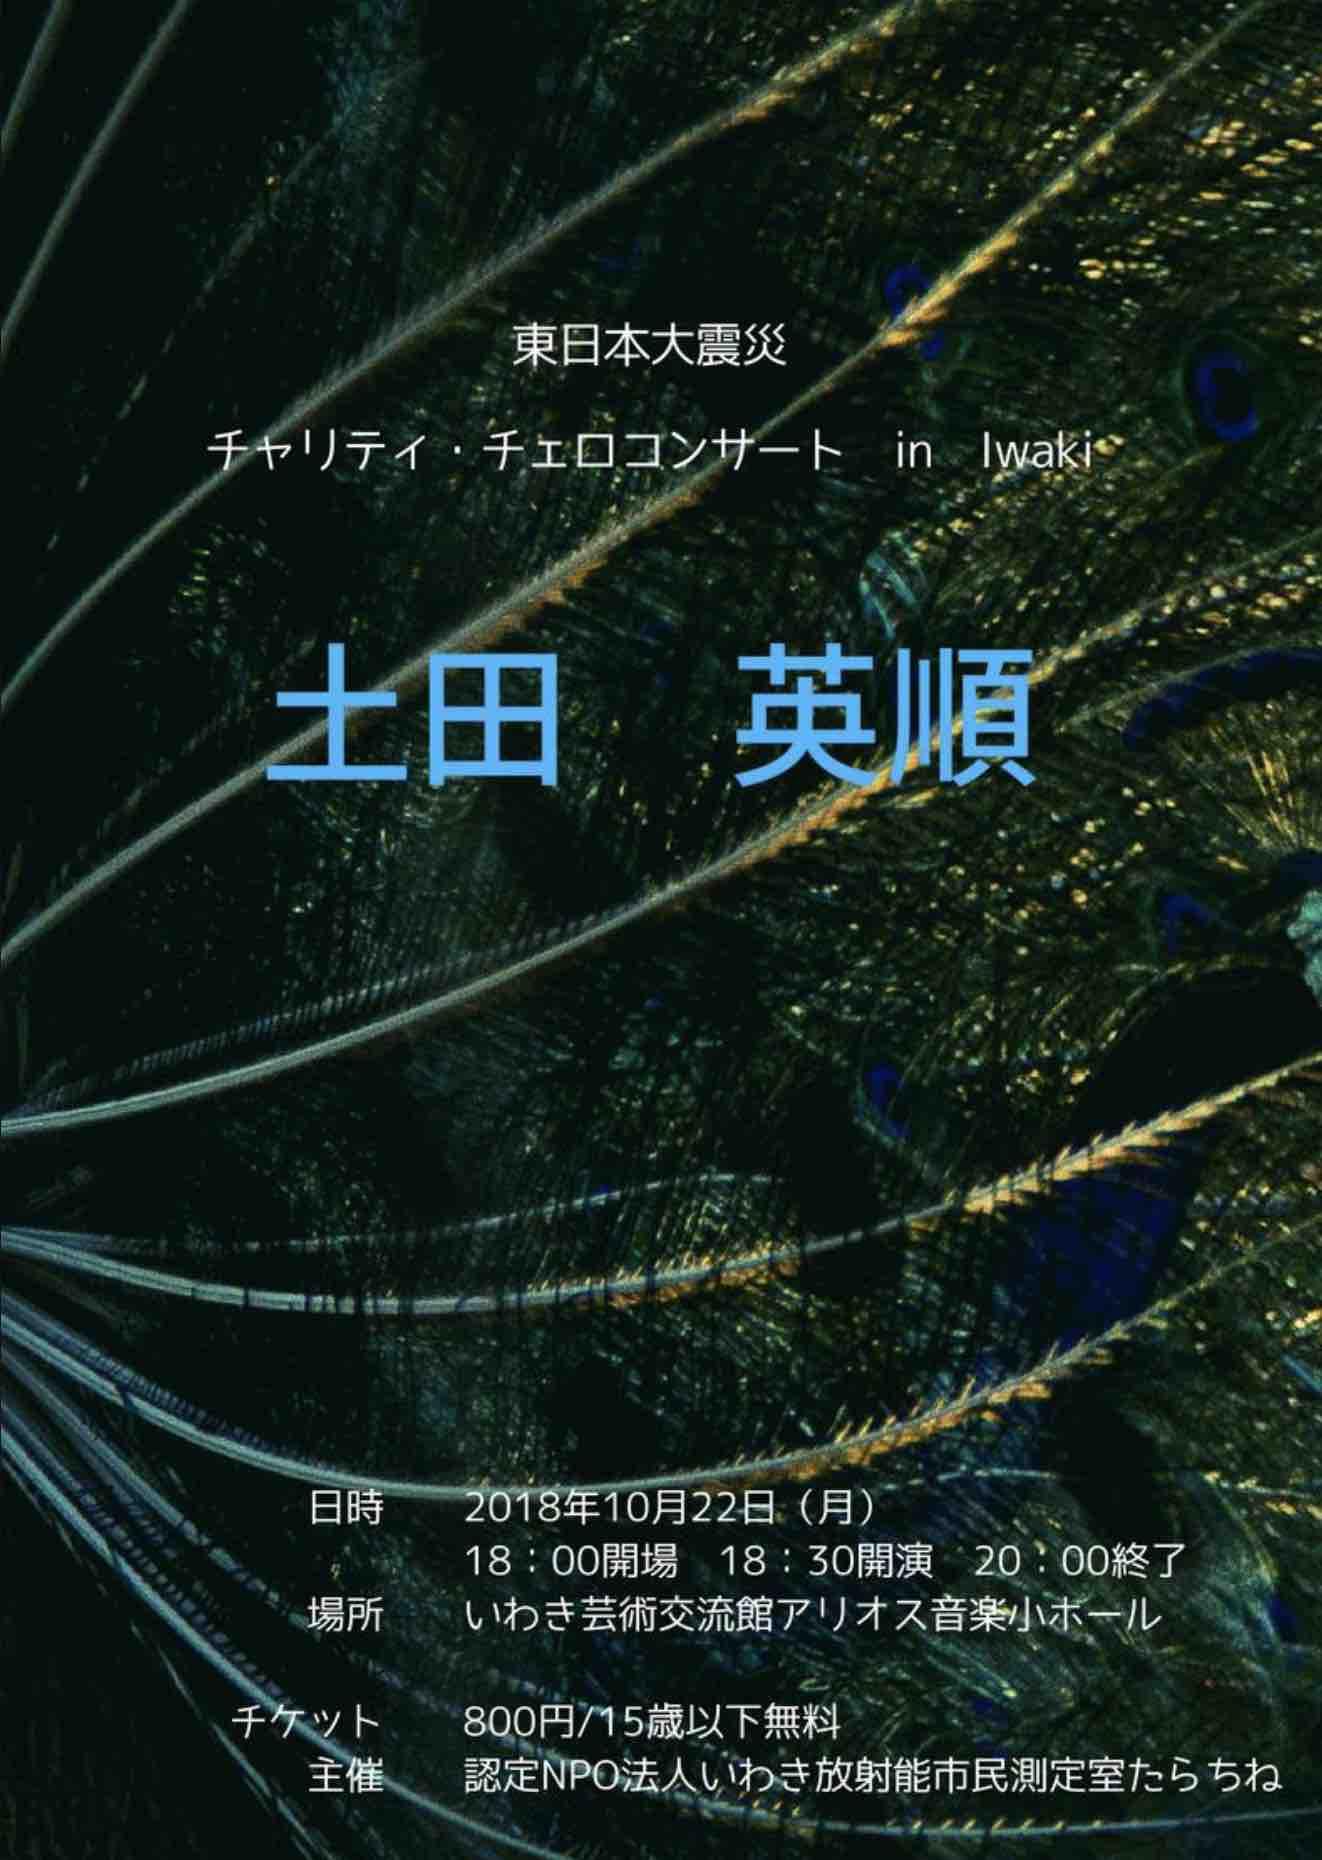 土田英順さんのチャリティ・チェロコンサート_e0068696_7151372.jpg